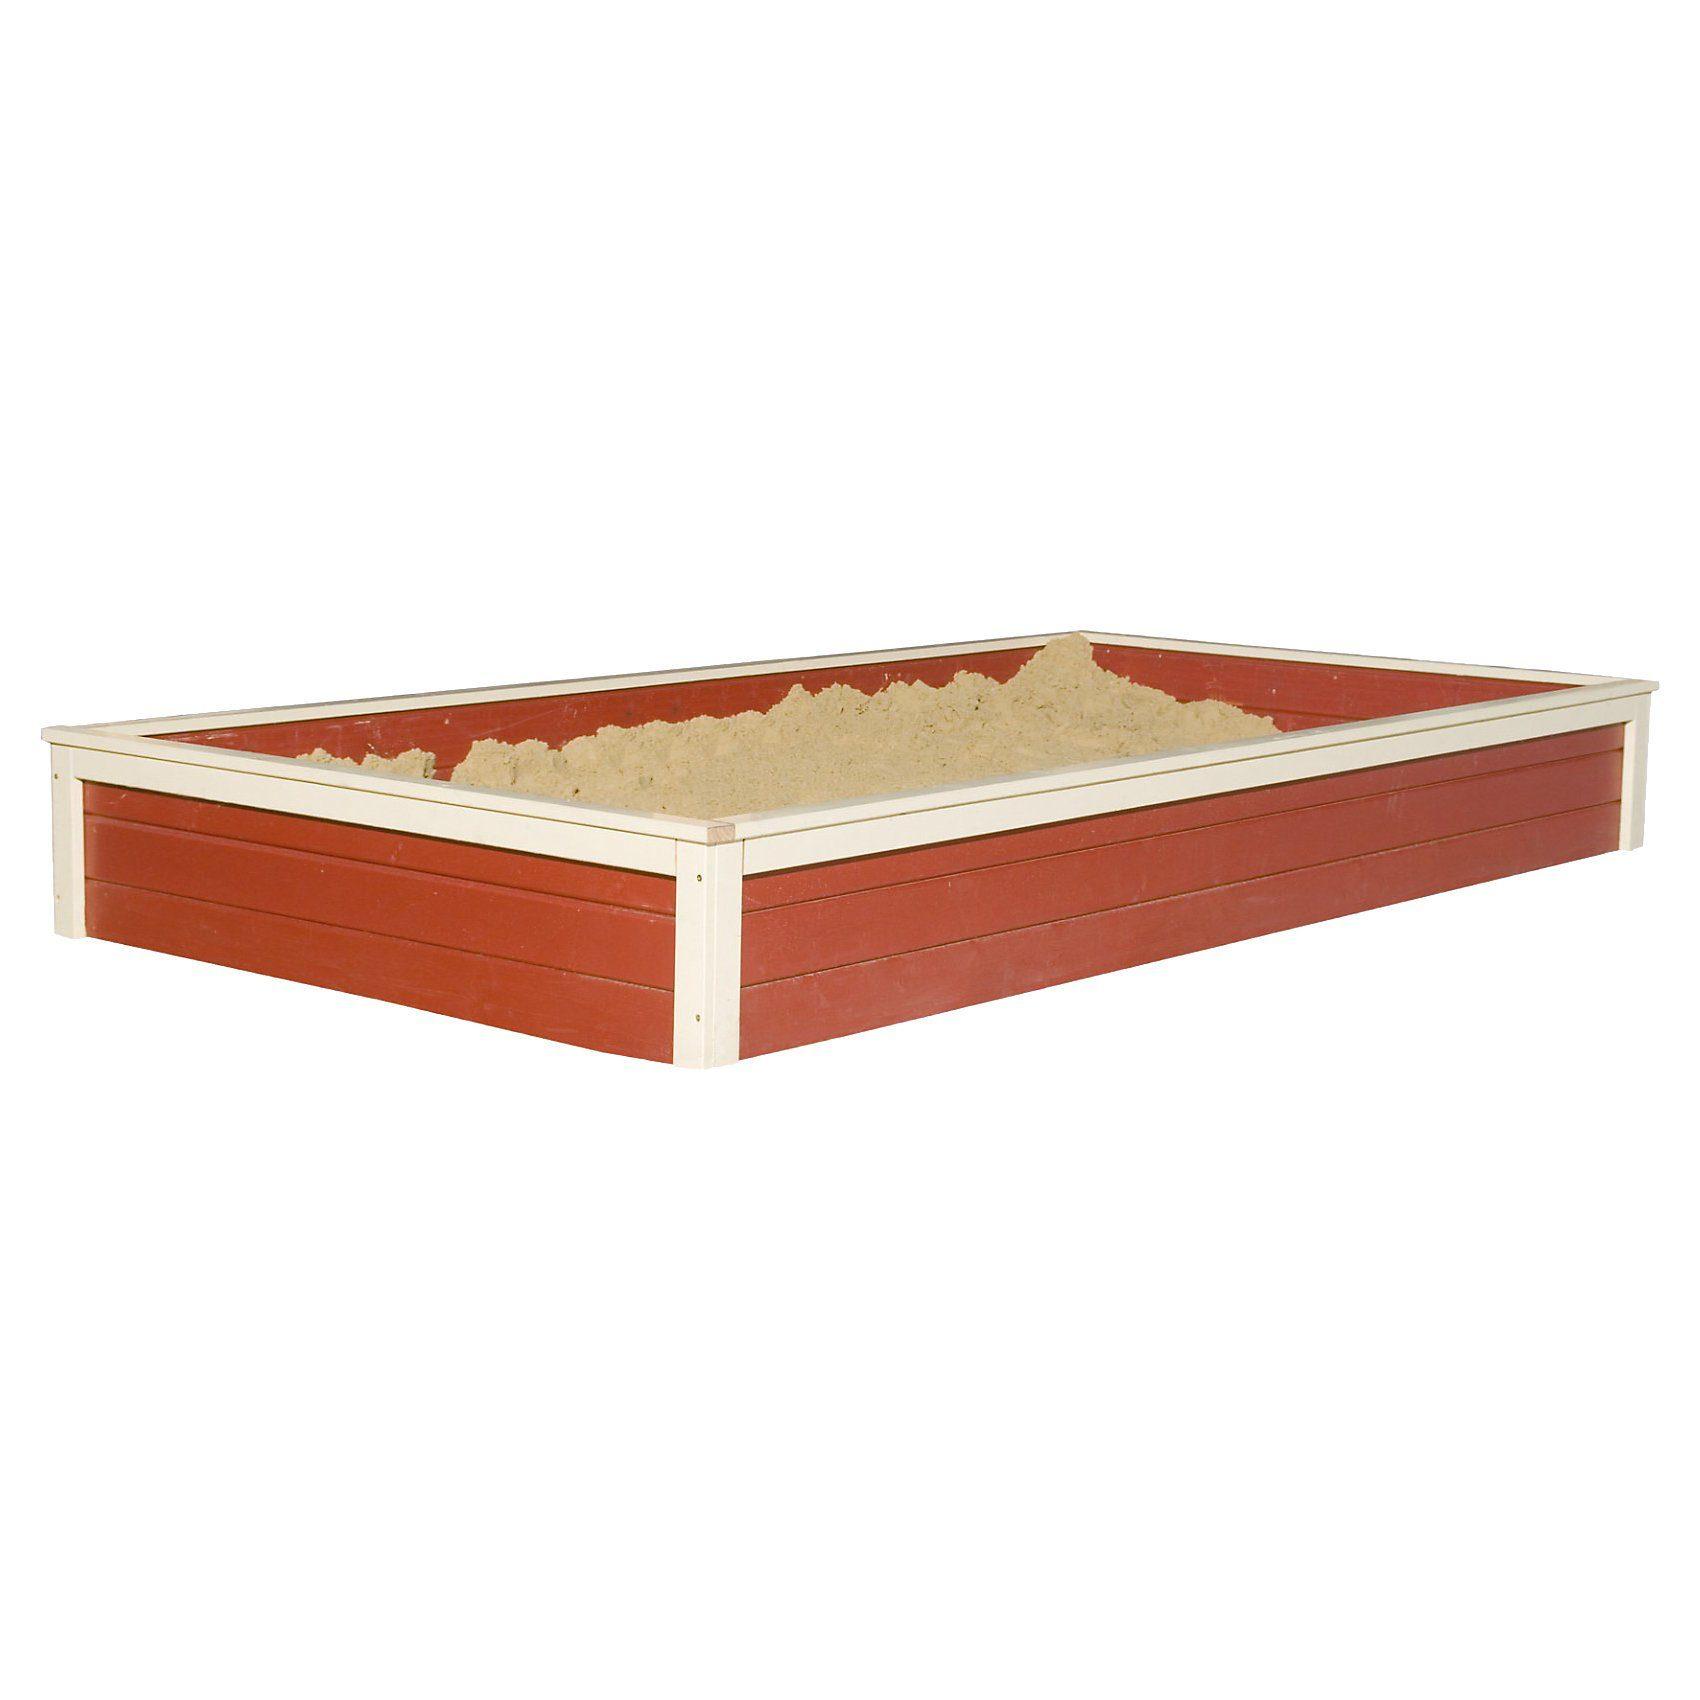 Karibu Sandkasten für Gernegroß, kastanienrot